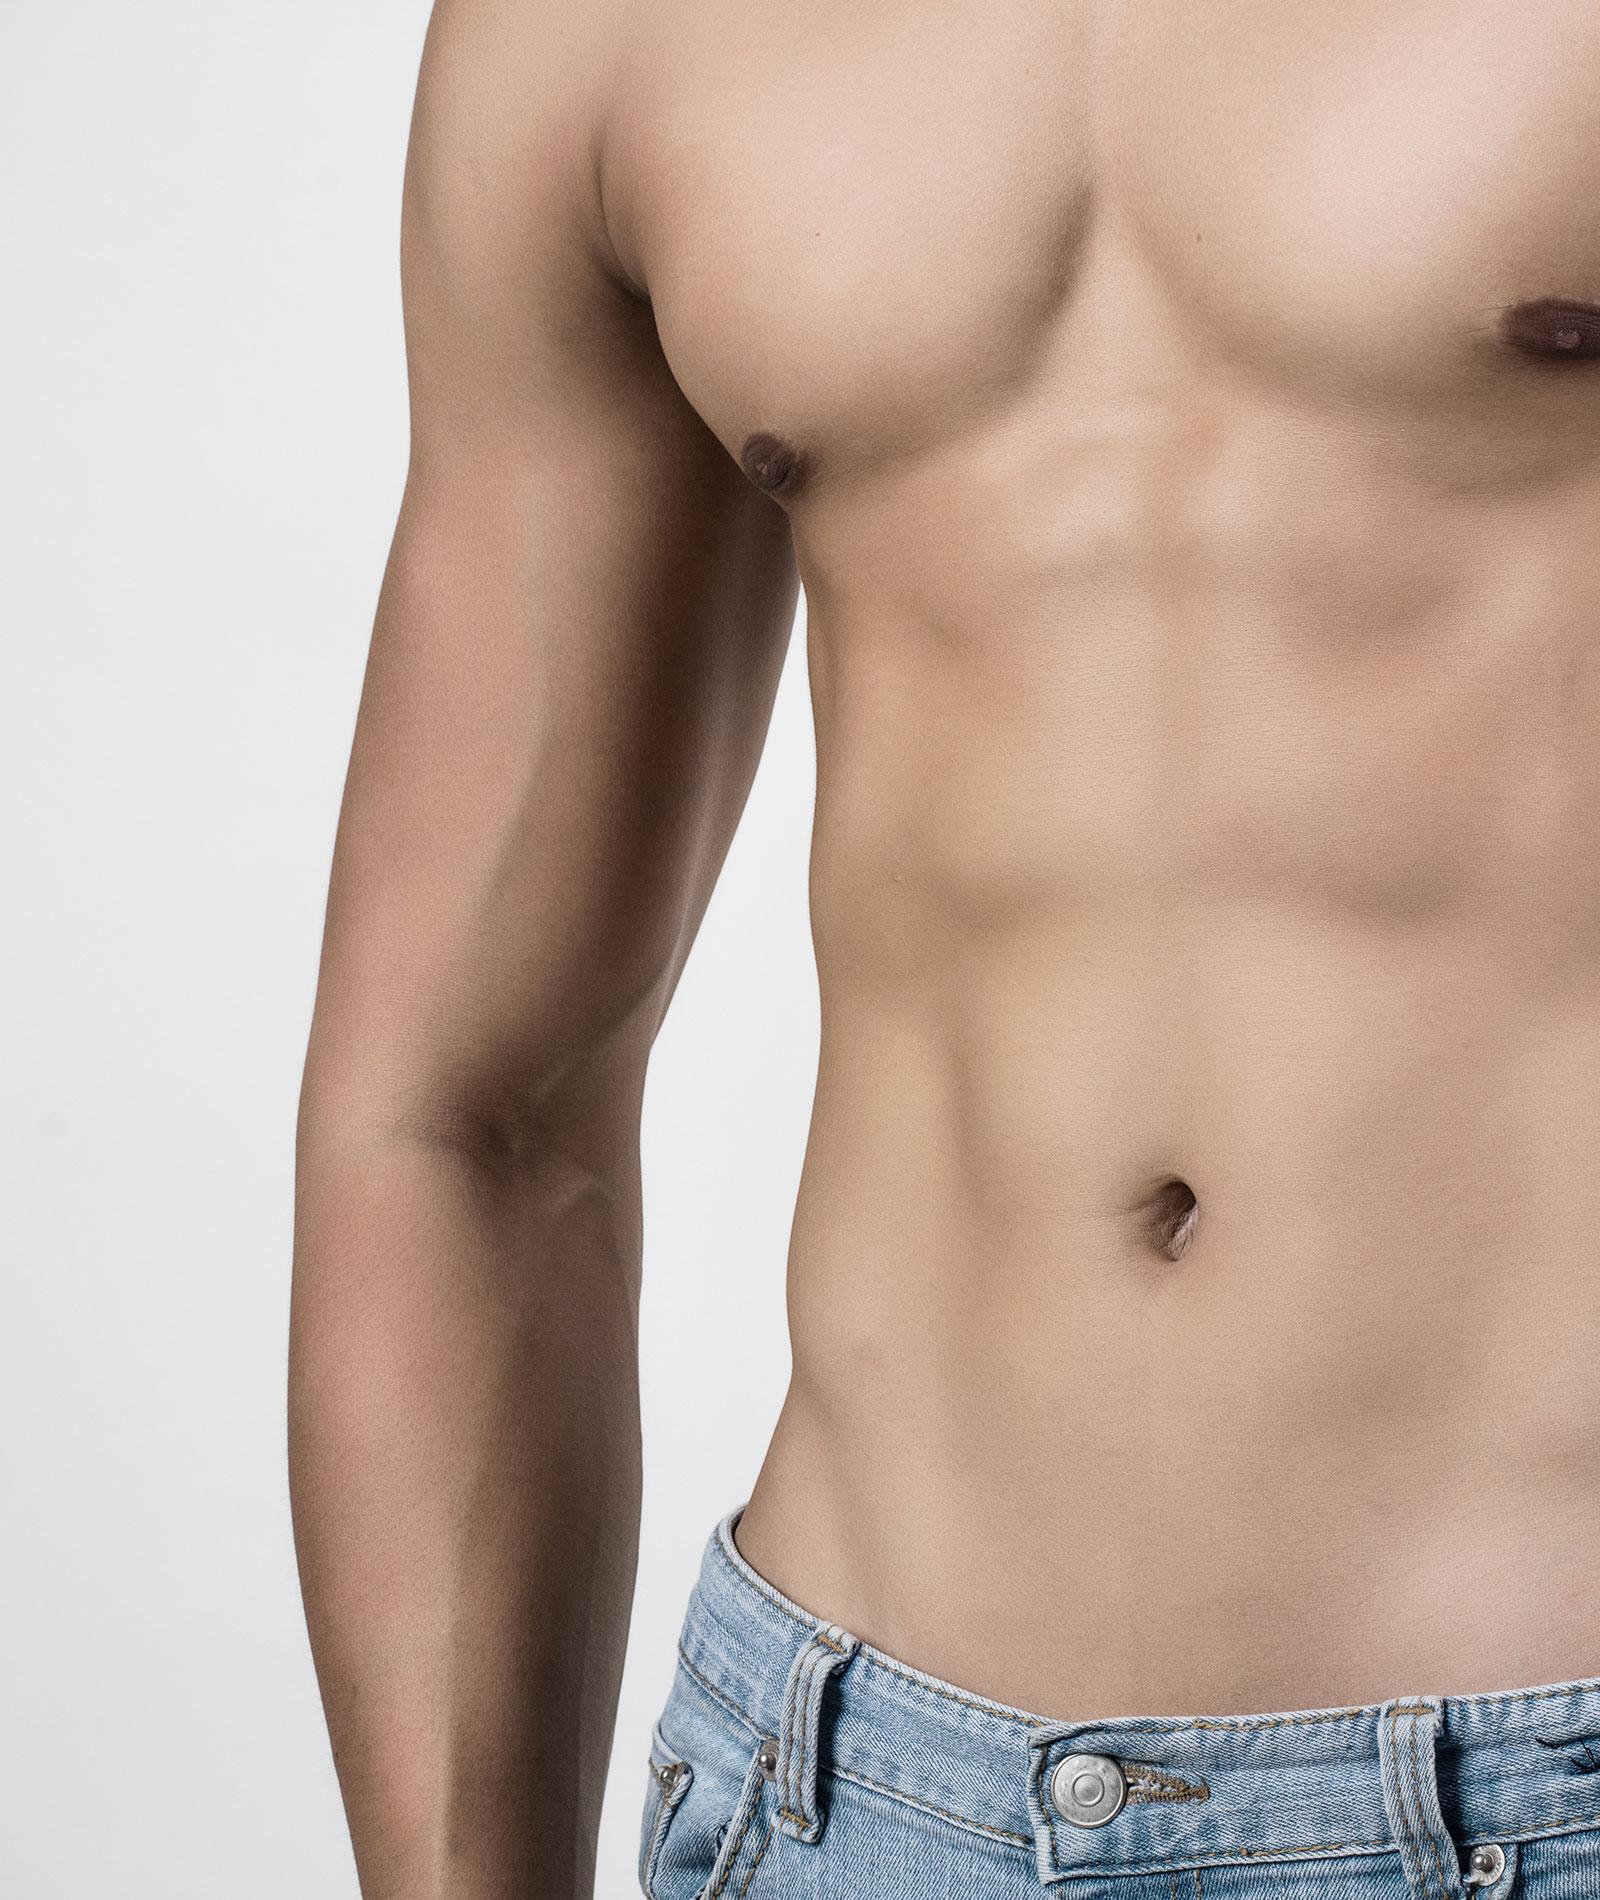 Depilación masculina - Centro de estética ARQUETIPO be0b9fd8ac33